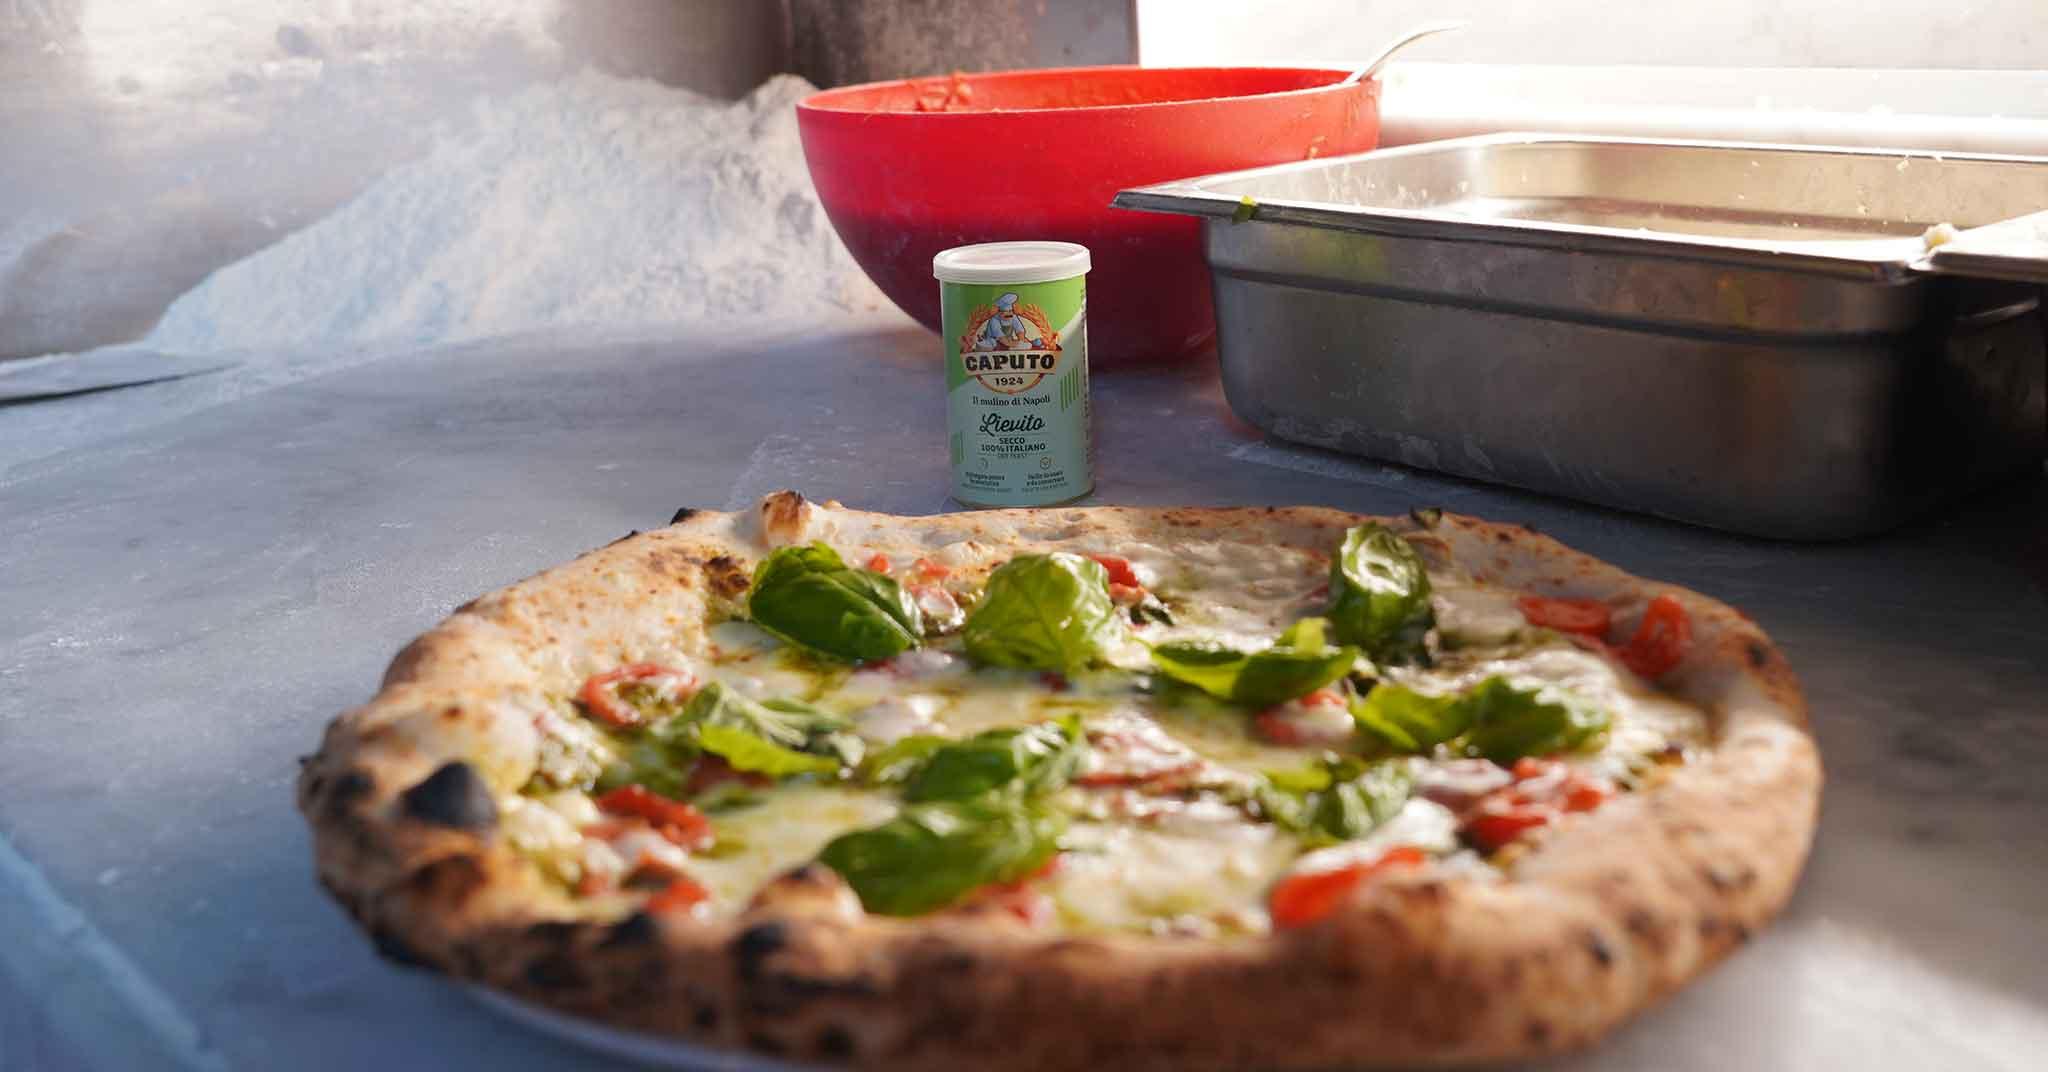 Ricetta Pizza Napoletana Lievito Secco.Lezioni Di Pizza I Vantaggi Del Lievito Secco Italiano